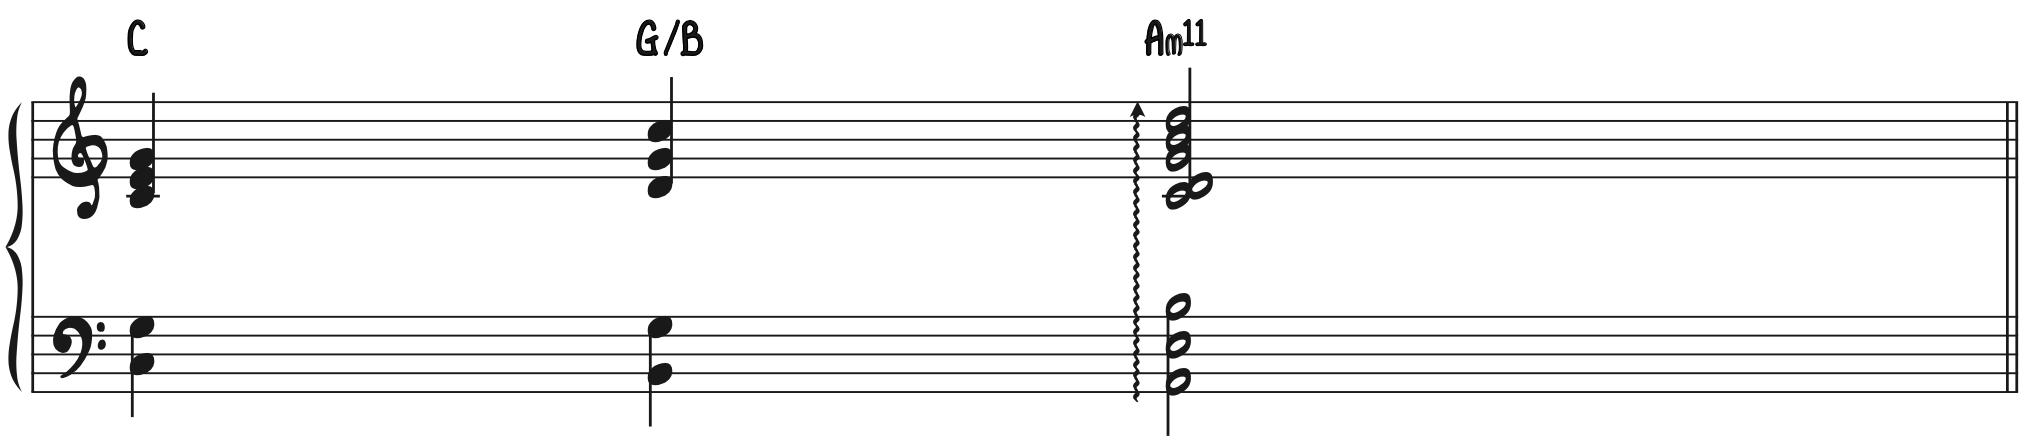 Progression 1 - Transformed Beautiful Minor Chord Sorrow Chord Am11